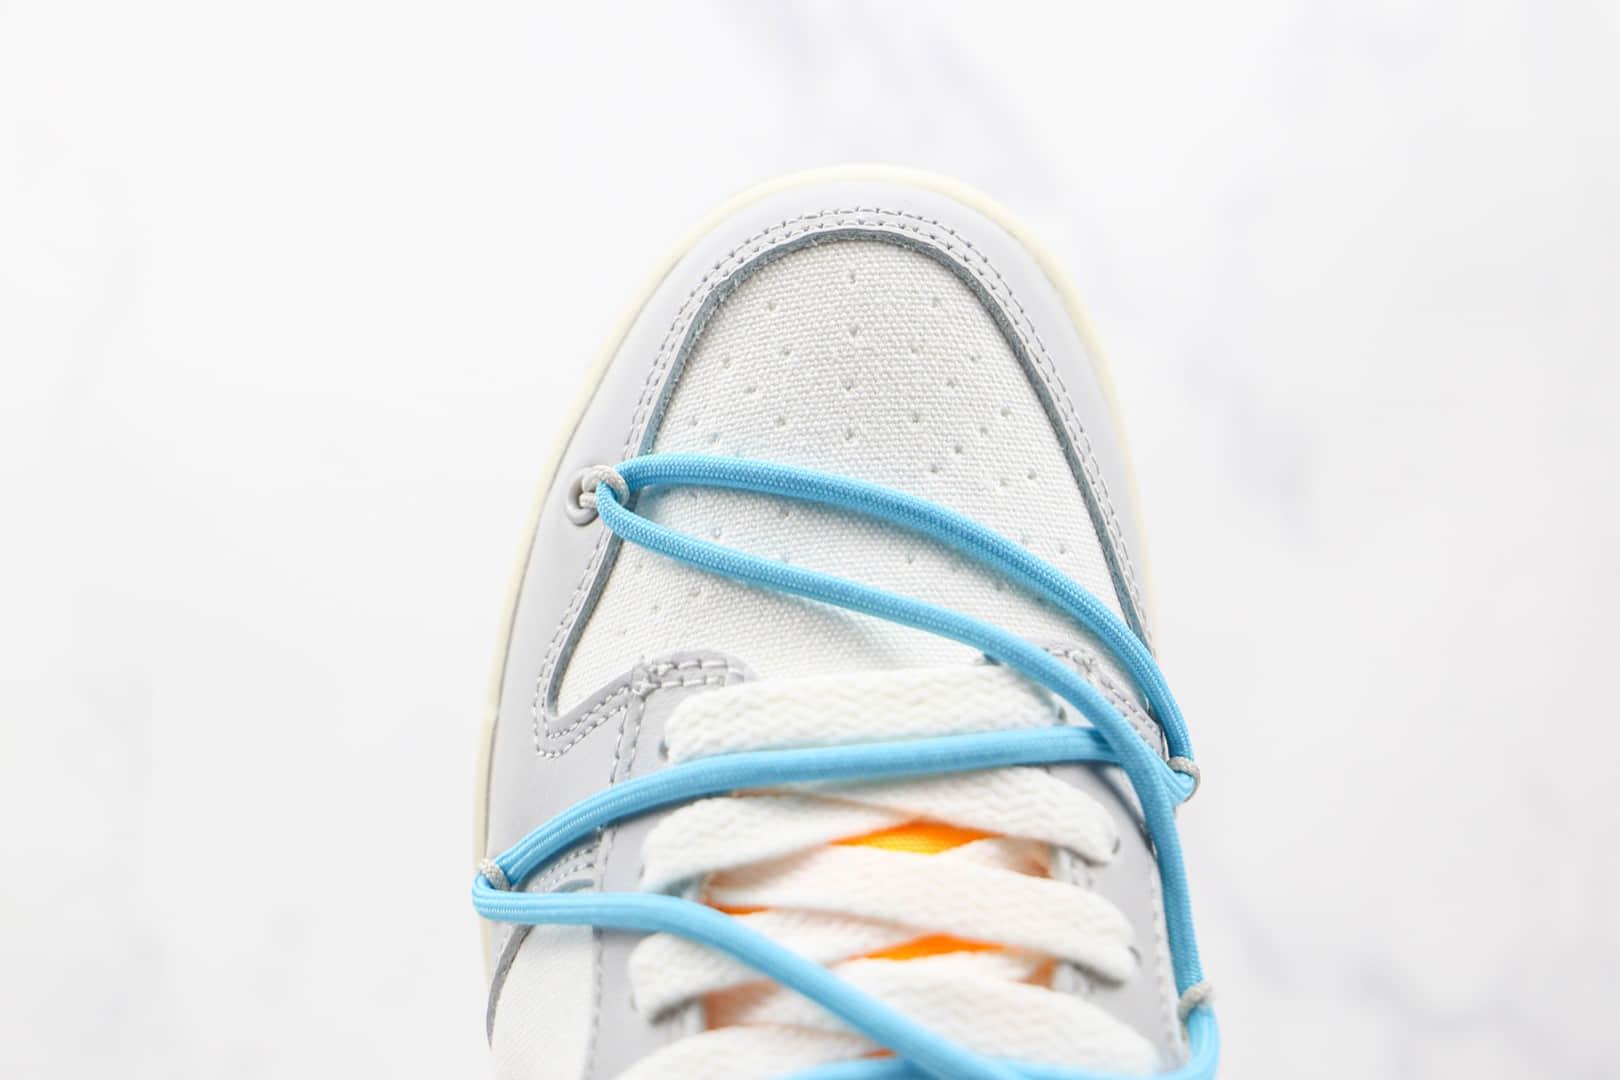 耐克Nike Dunk Low'50' x Off-White联名款纯原版本绿标低帮DUNK灰白蓝色板鞋原档案数据开发 货号:DM1602-115